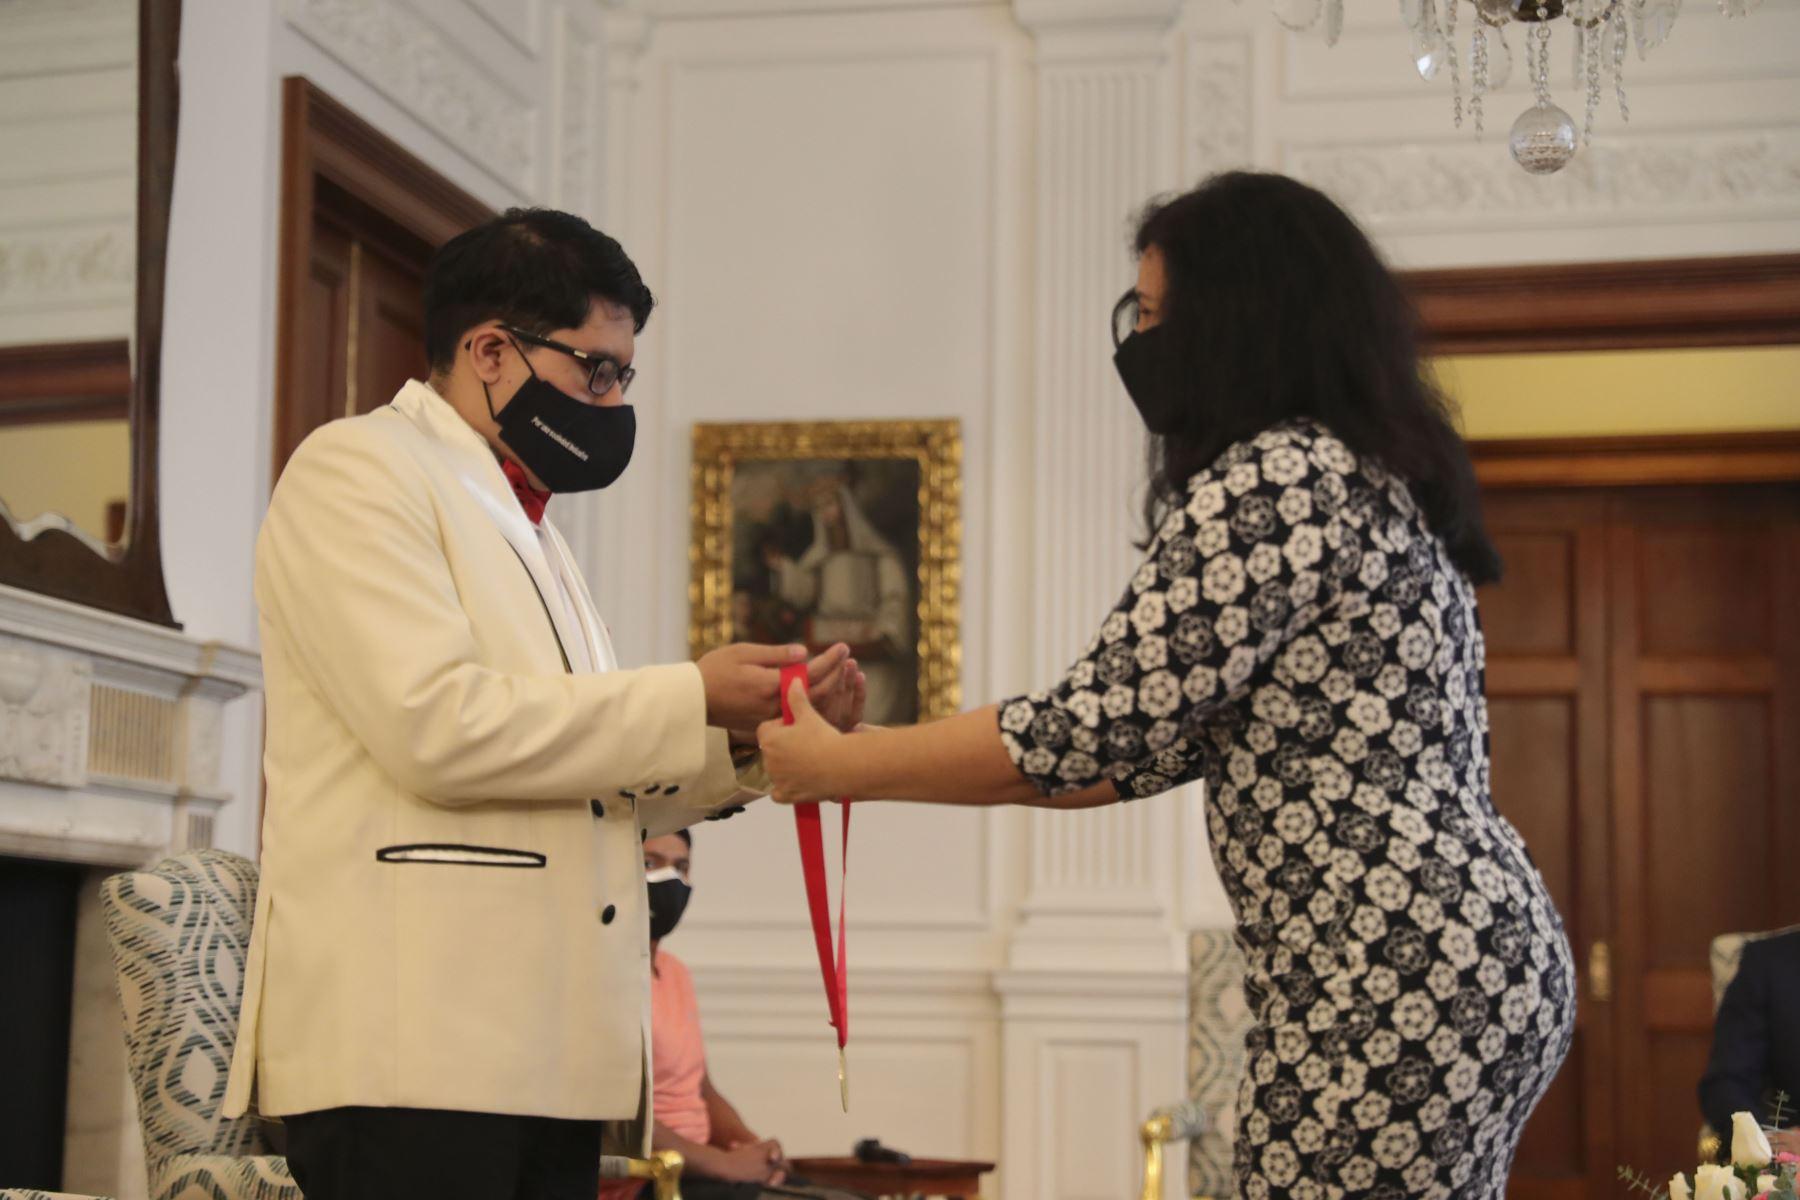 El Presidente de la República, Martín Vizcarra junto a la primera Dama de la Nación, Maribel Díaz; participa en la ceremonia por el Día Nacional de la Persona con Discapacidad.  Foto: ANDINA/ Prensa Presidencia